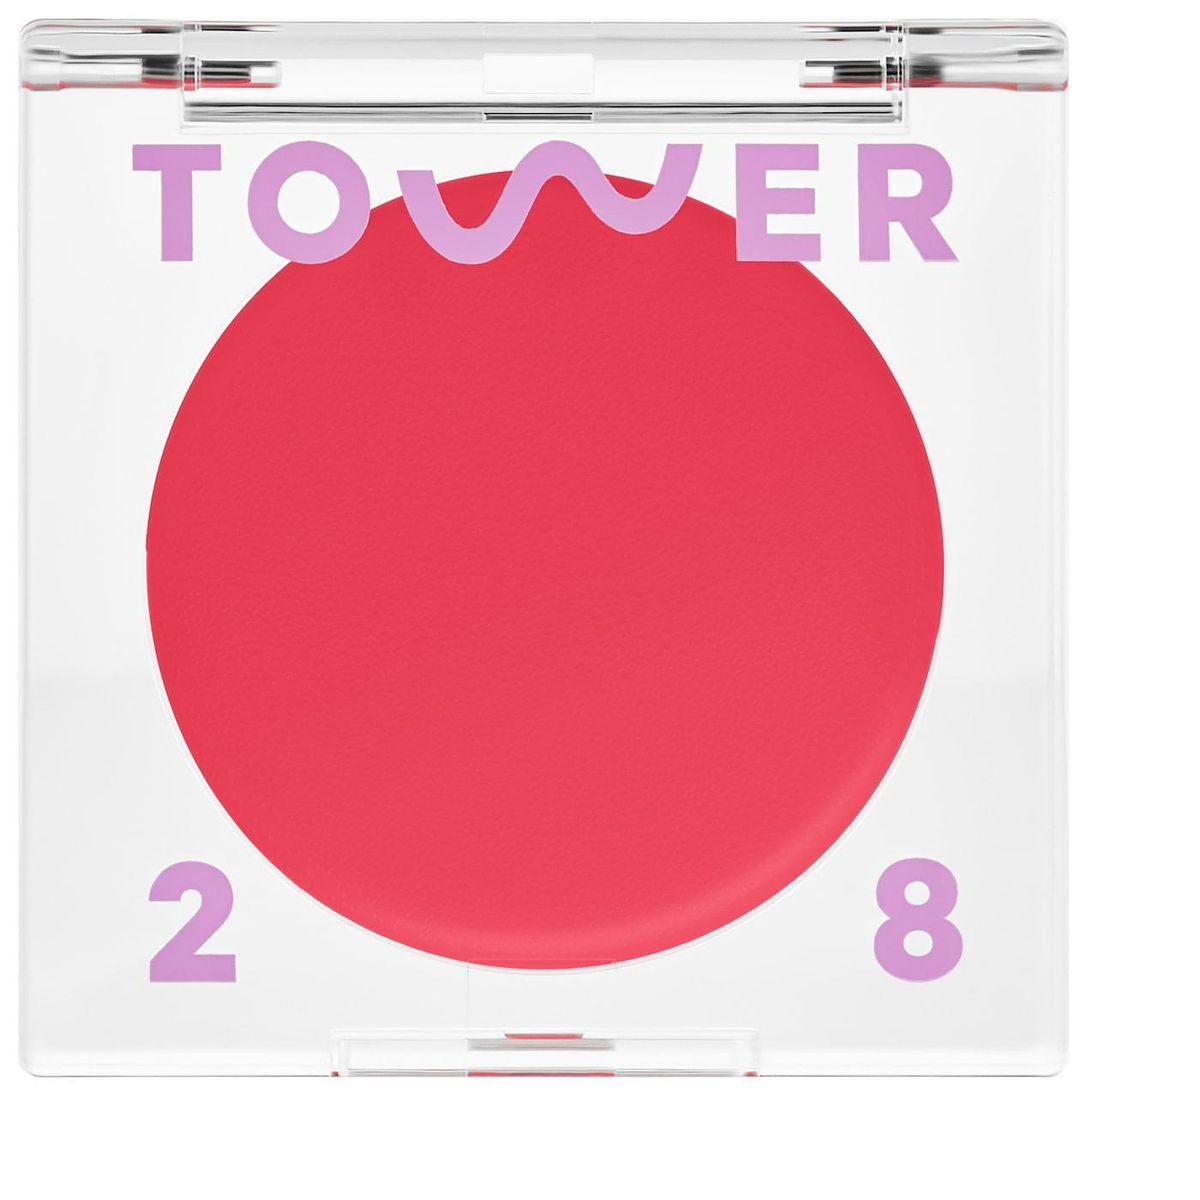 tower 28 beauty beach please lip and cheek cream blush